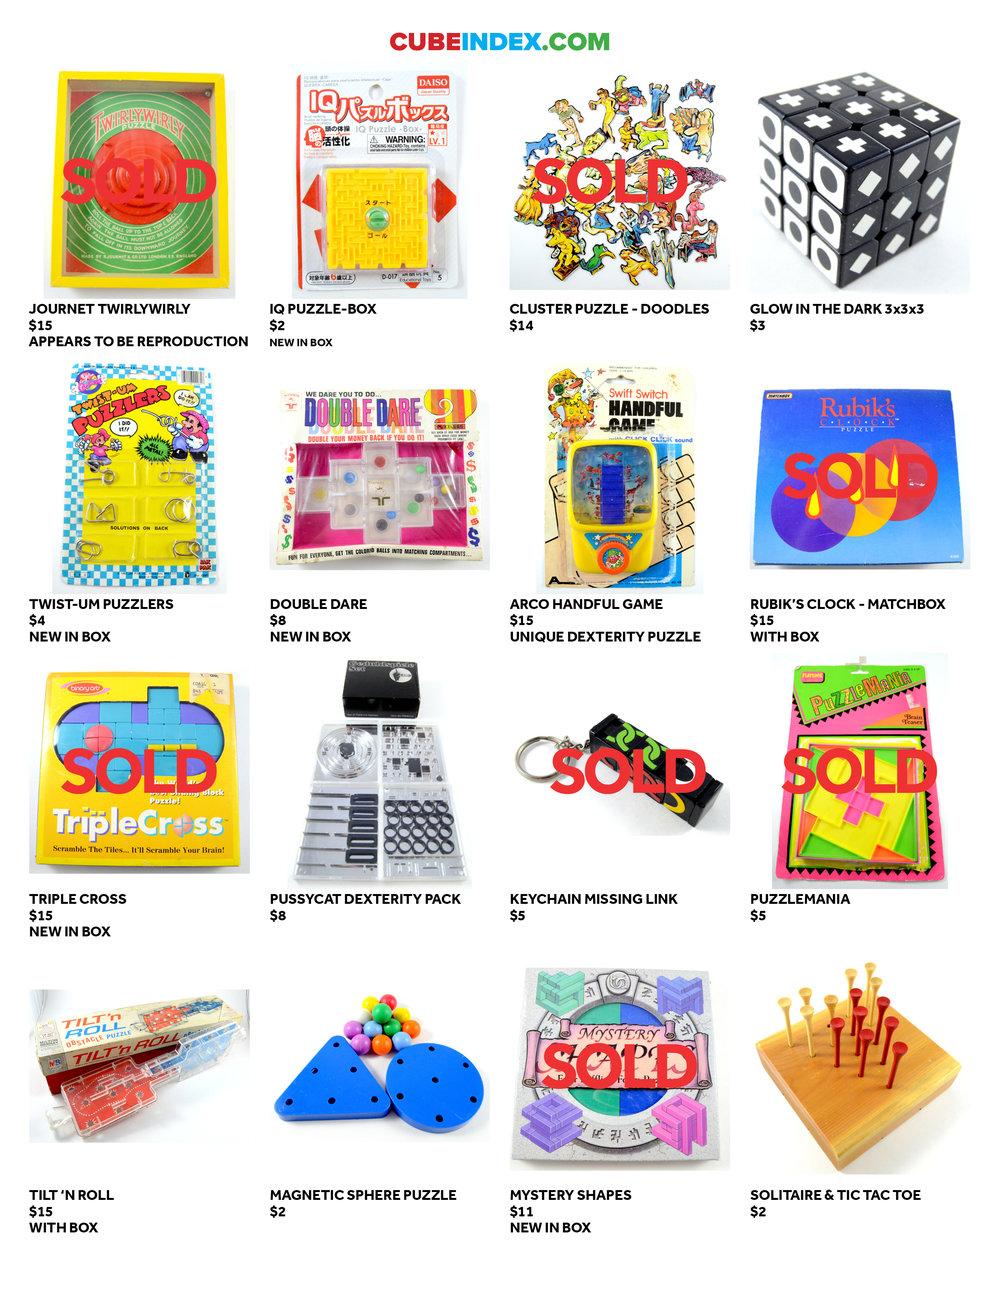 cube-index-for-sale-catalog-april-2017-v514.jpg